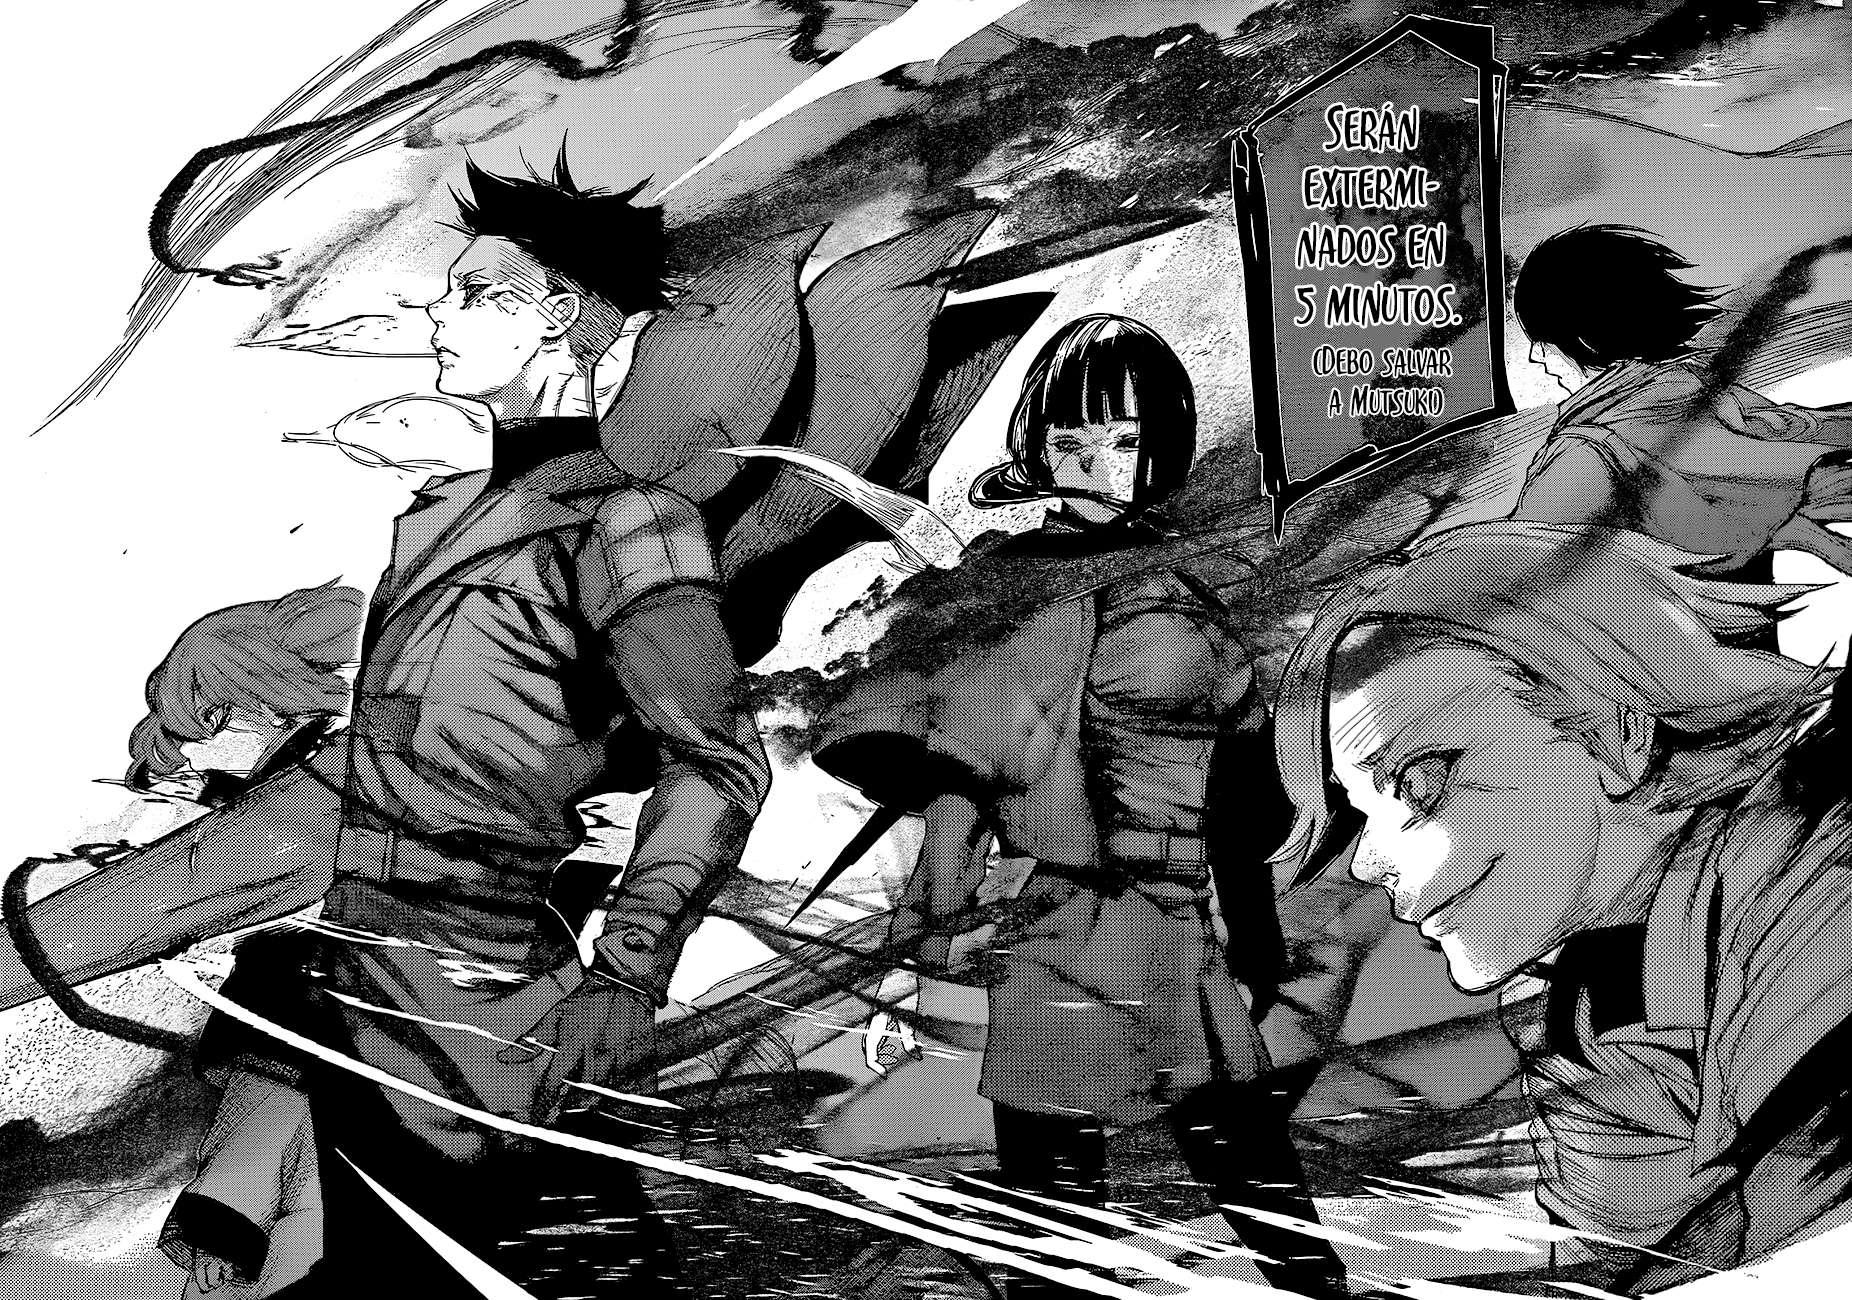 https://c5.ninemanga.com/es_manga/59/59/448997/7bdc0d7f53f5f66bf30845bd84a9dbef.jpg Page 9